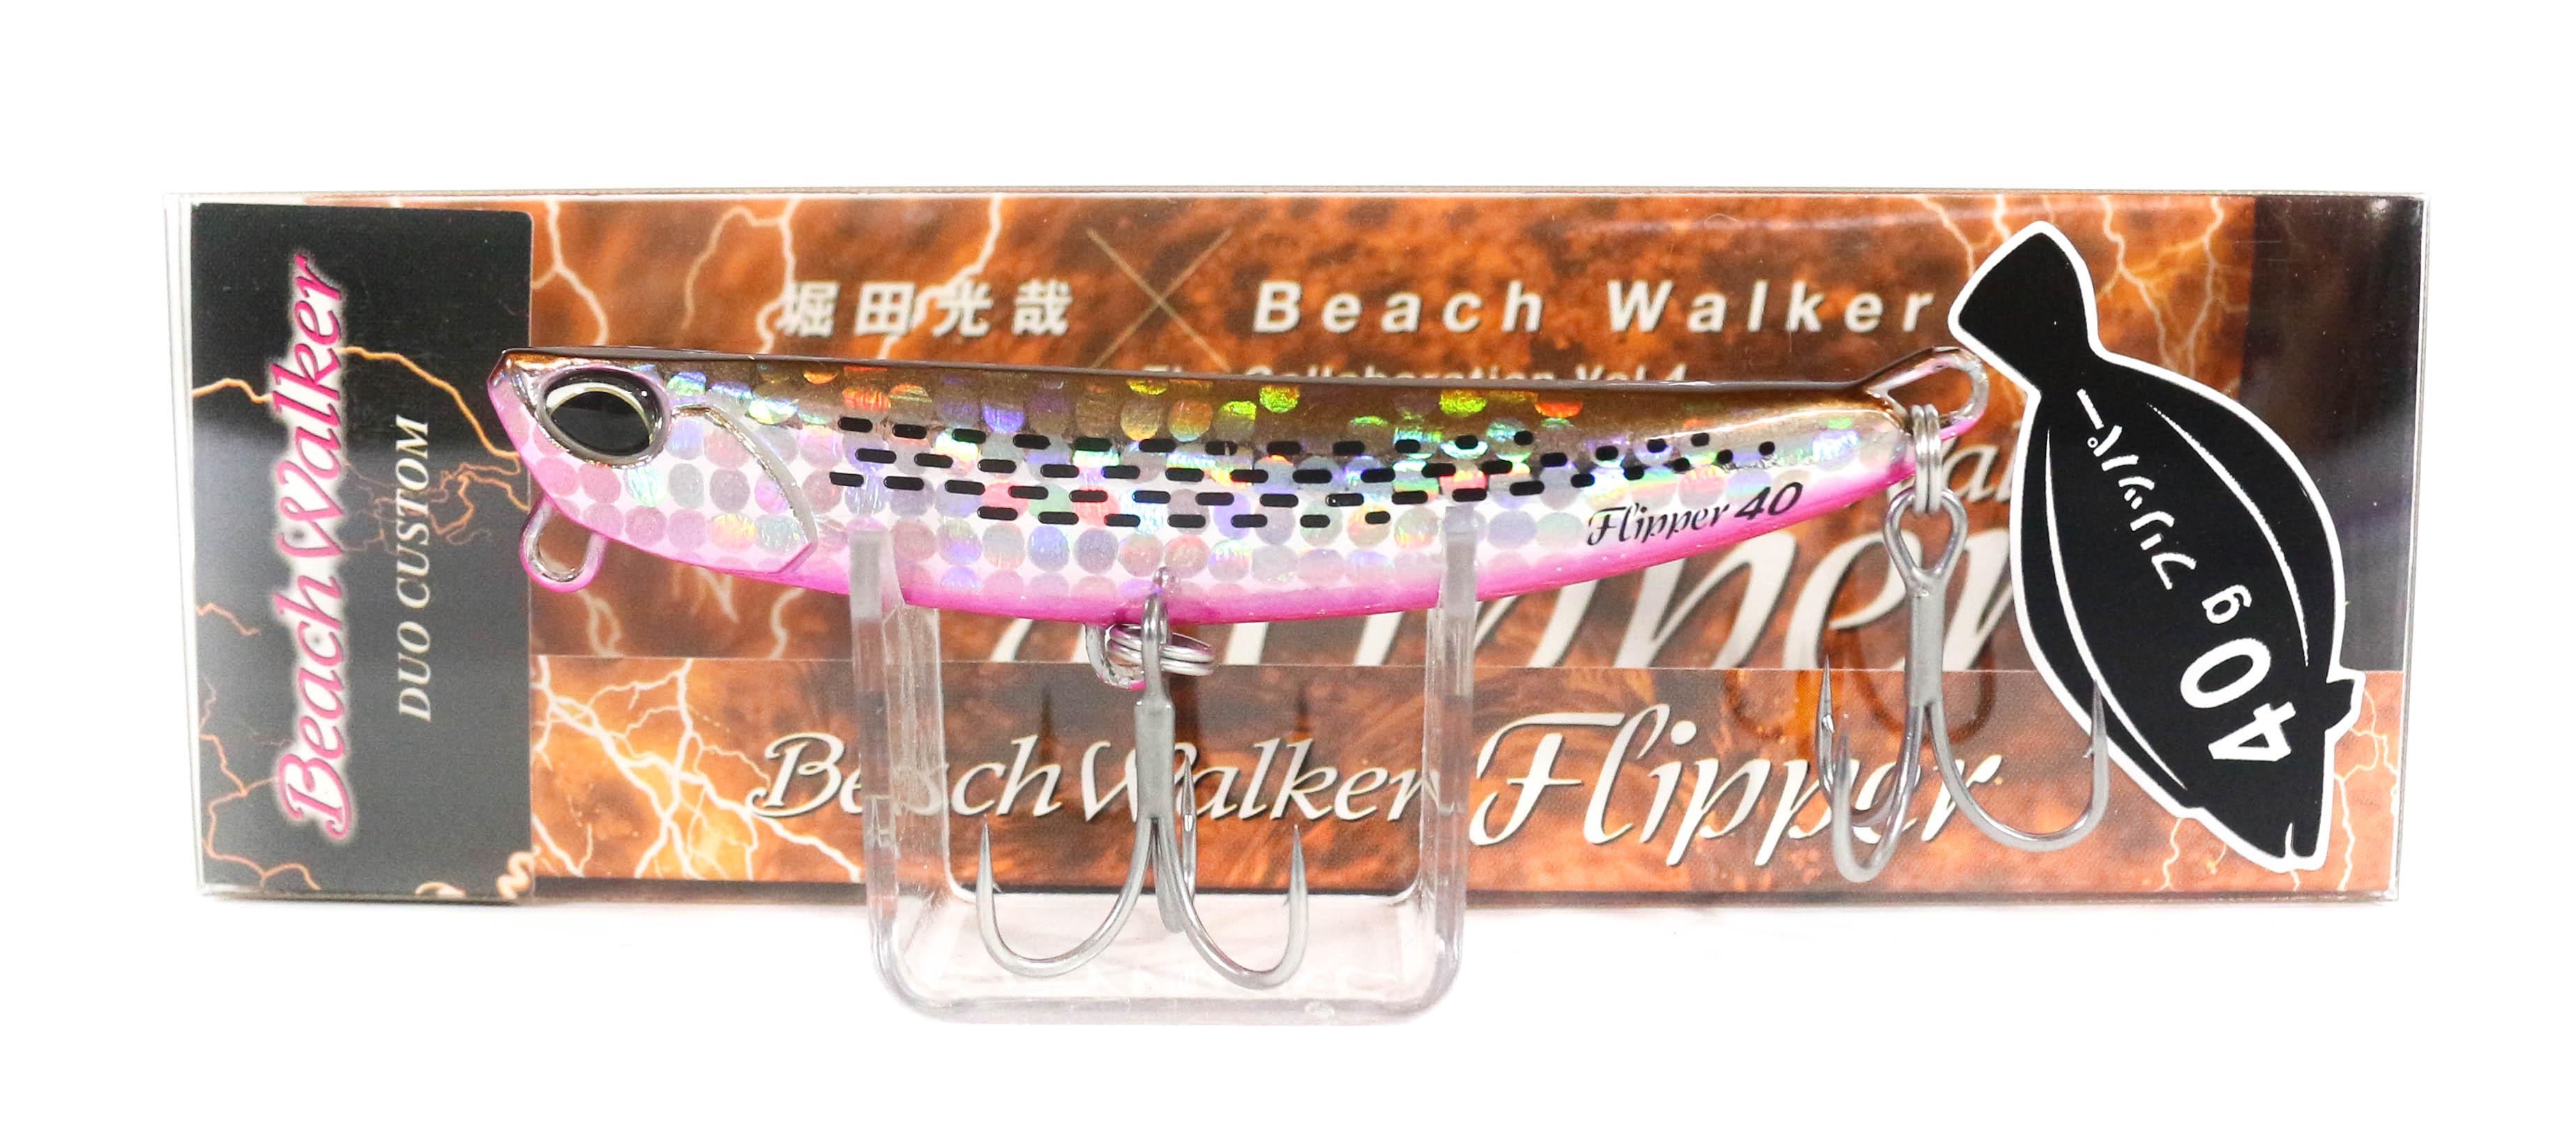 Duo Beach Walker Flipper 40 grams Sinking Lure GQA0173 (4004)